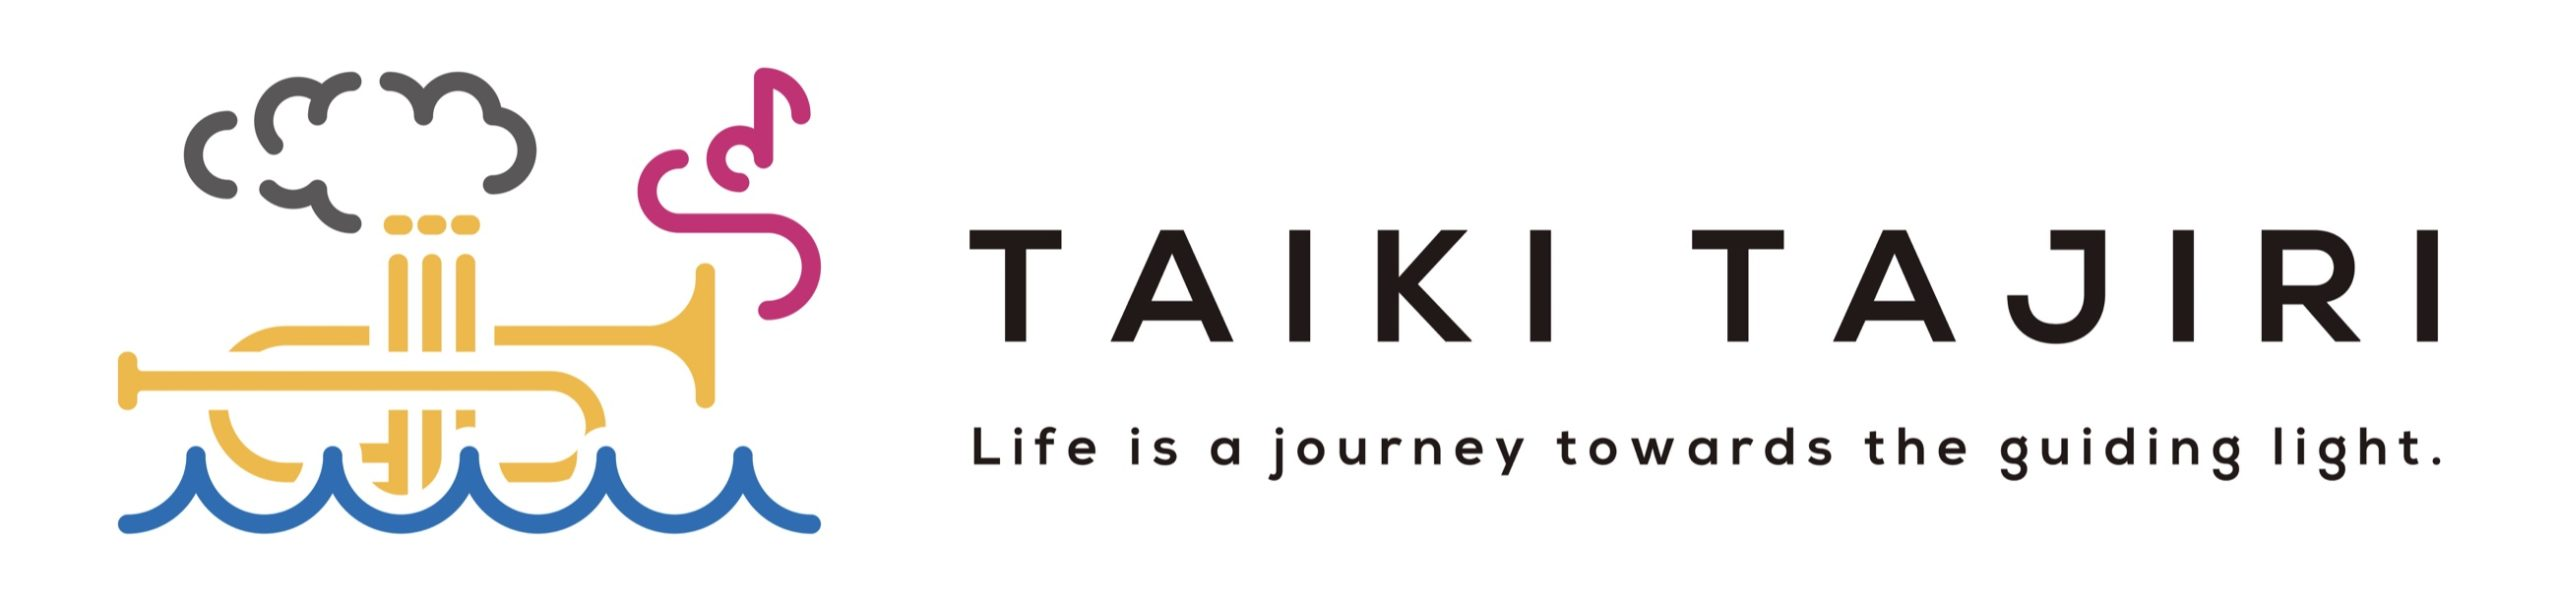 田尻大喜オフィシャルサイト